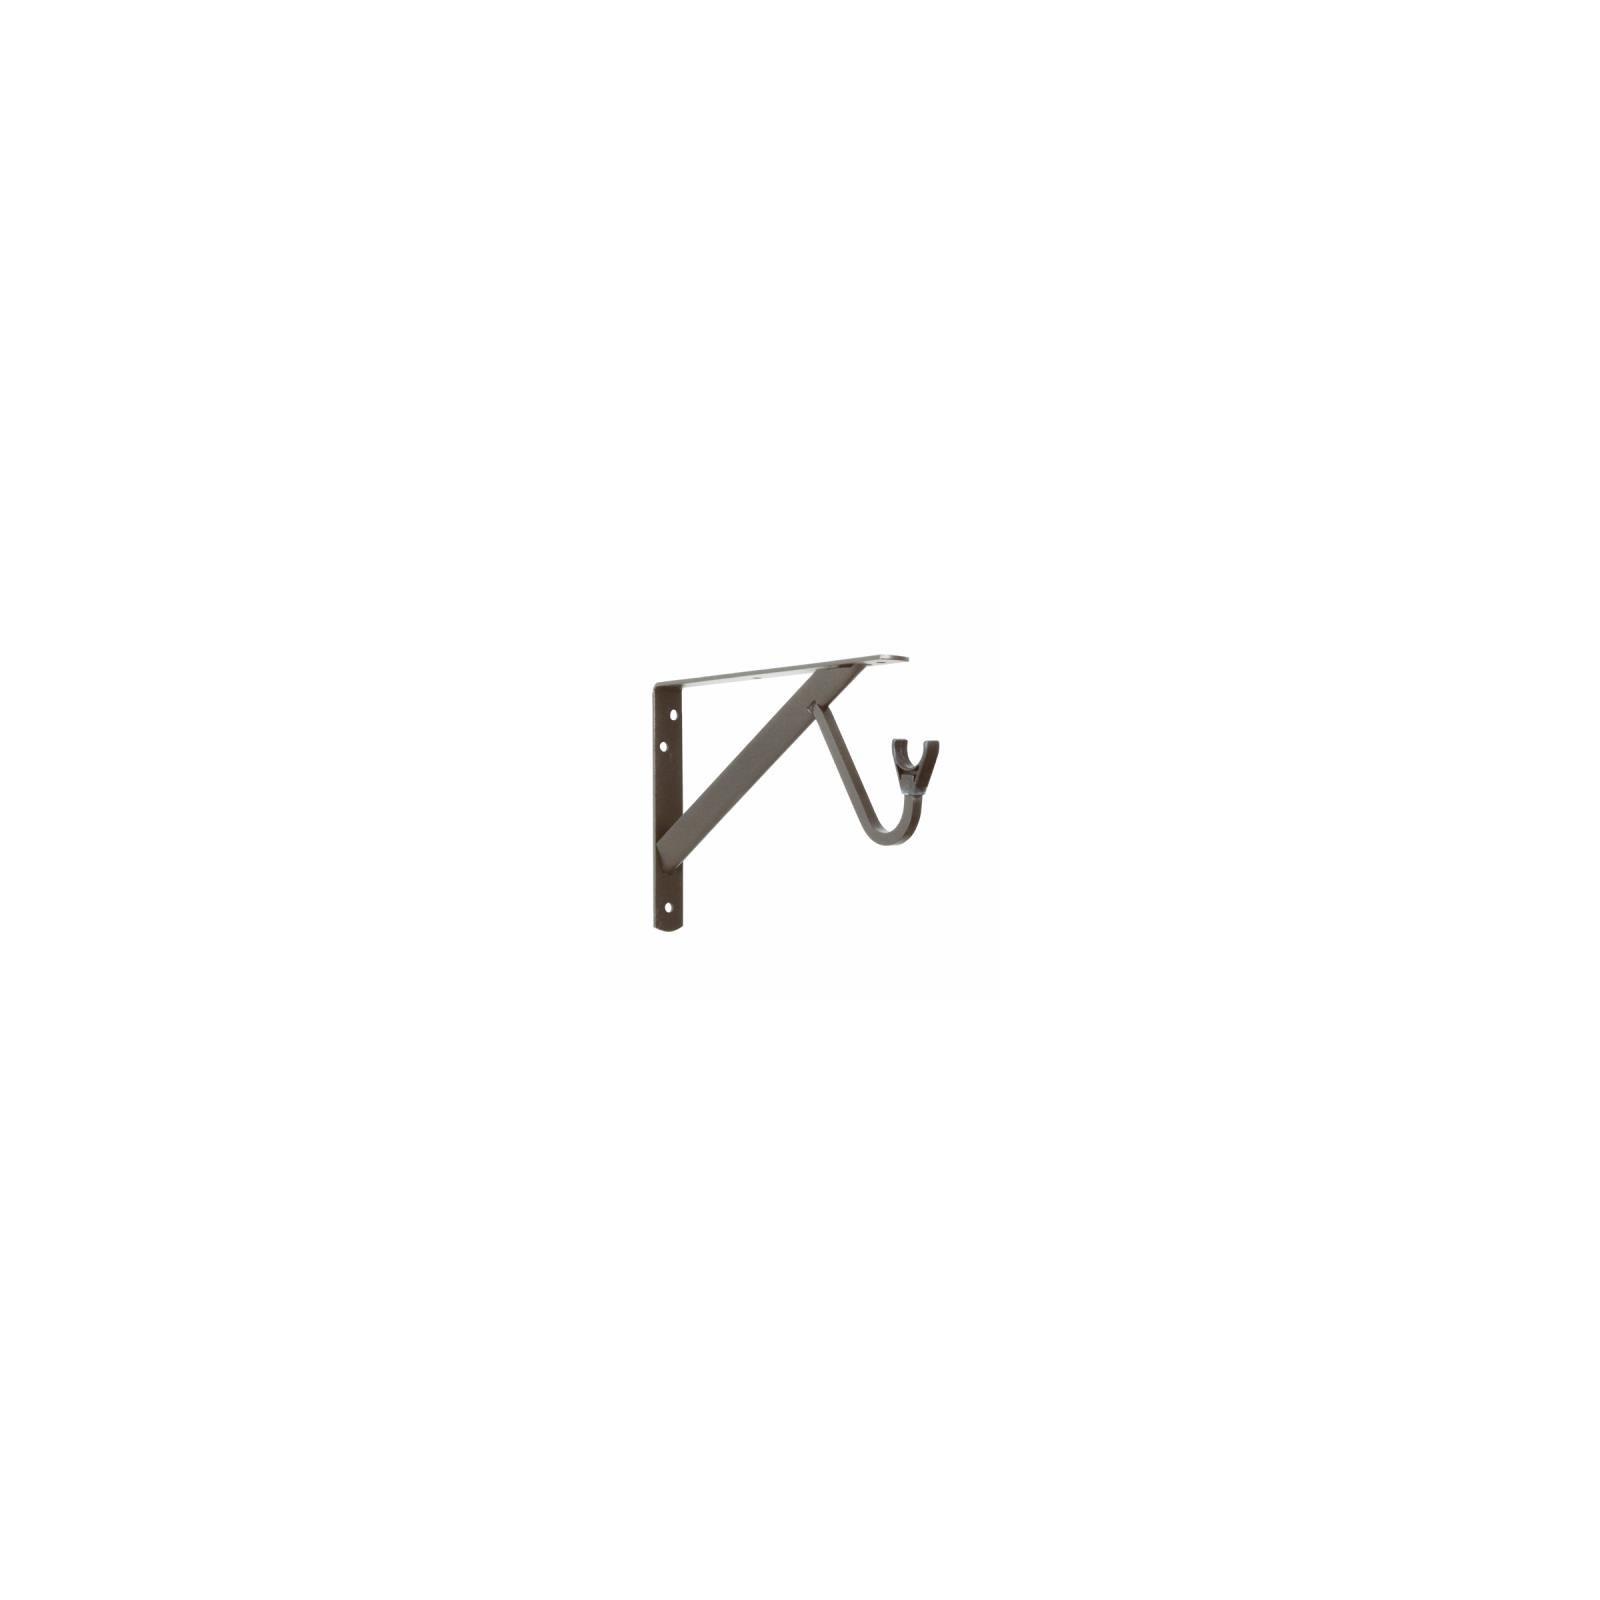 SHLF/ROD BRCKT BRONZE HD by KNAPE & VOGT MfrPartNo RP-0495-BRZ